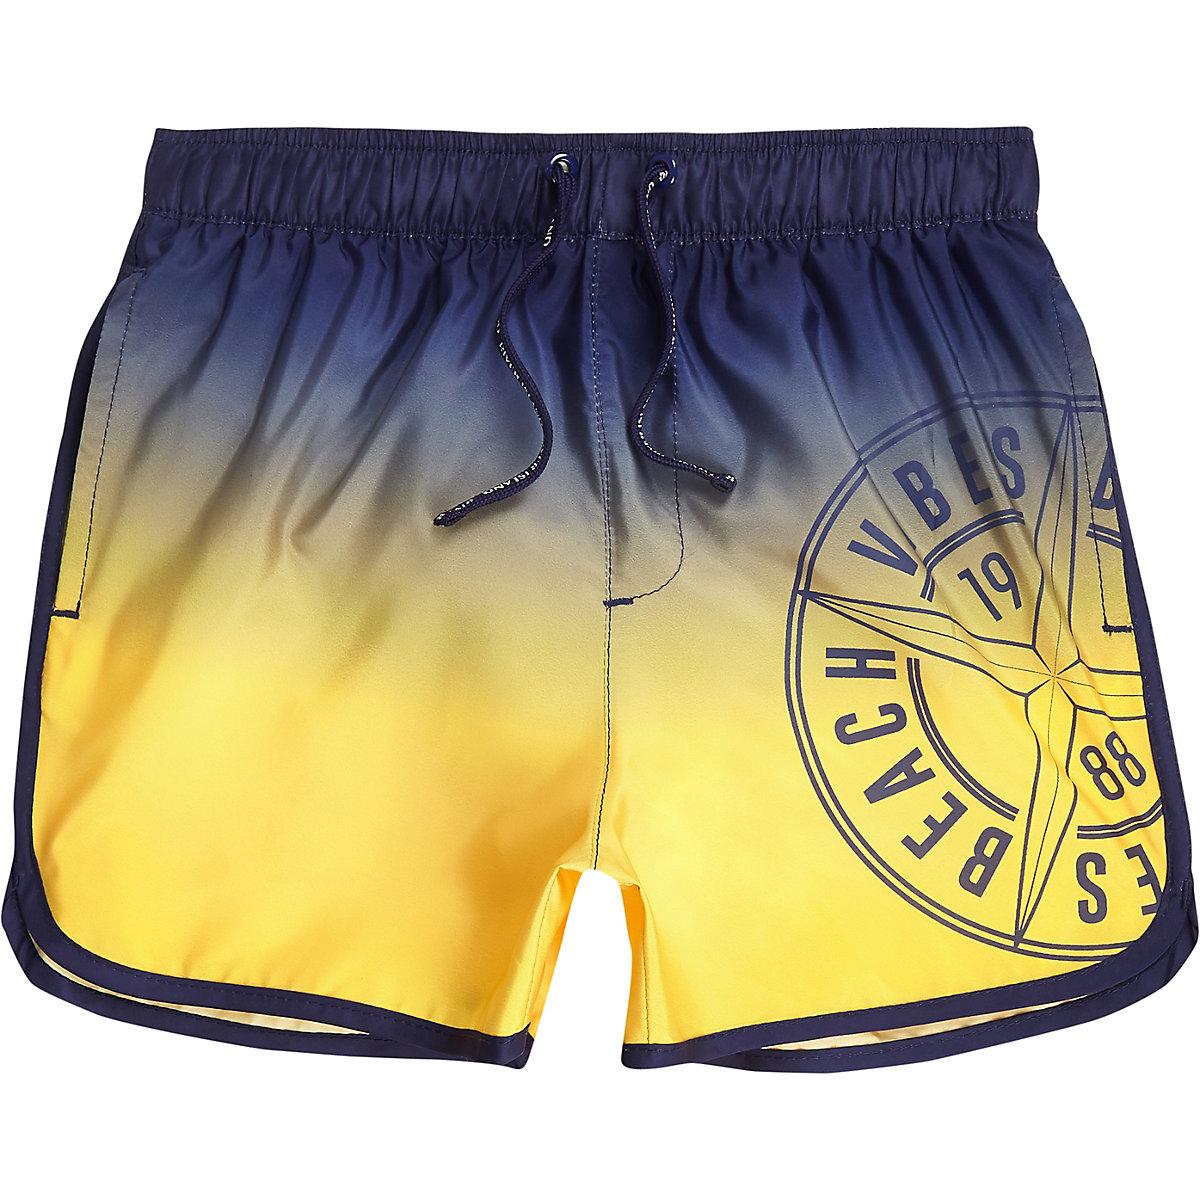 Boys ombre runner swim trunks